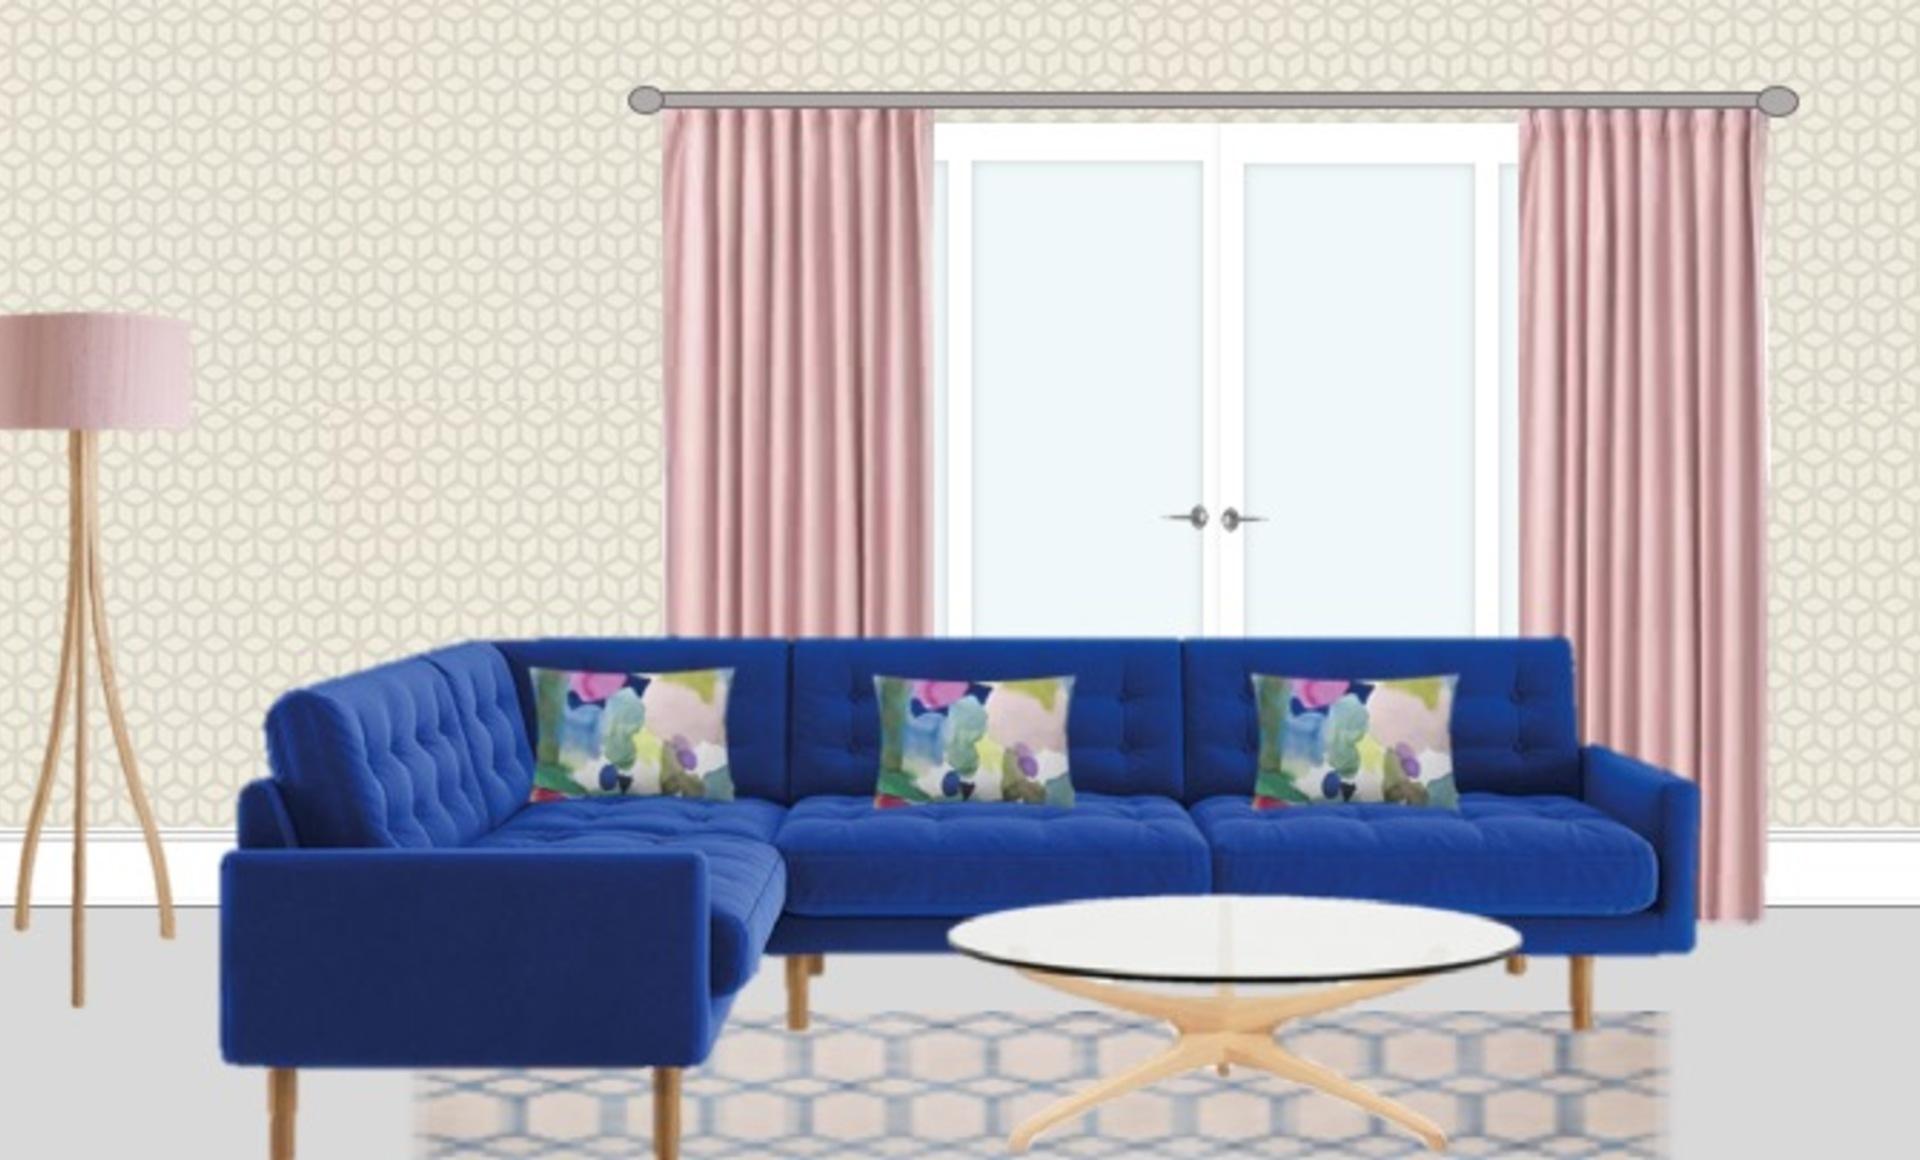 Mbr carol handa livingroom 2delevation 01